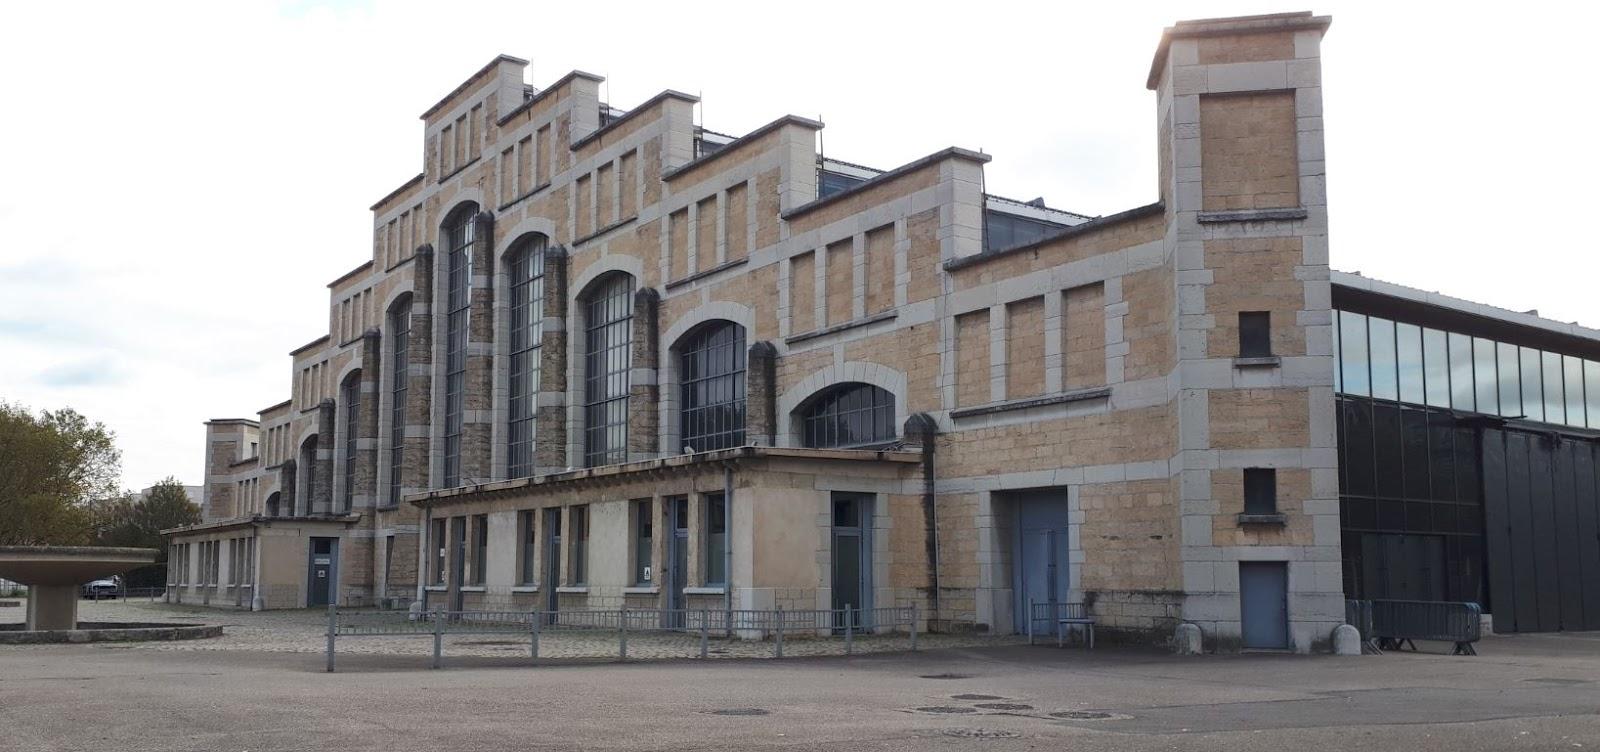 La Halle Tony Garnier à Lyon, salle de concerts et lieu d'événements